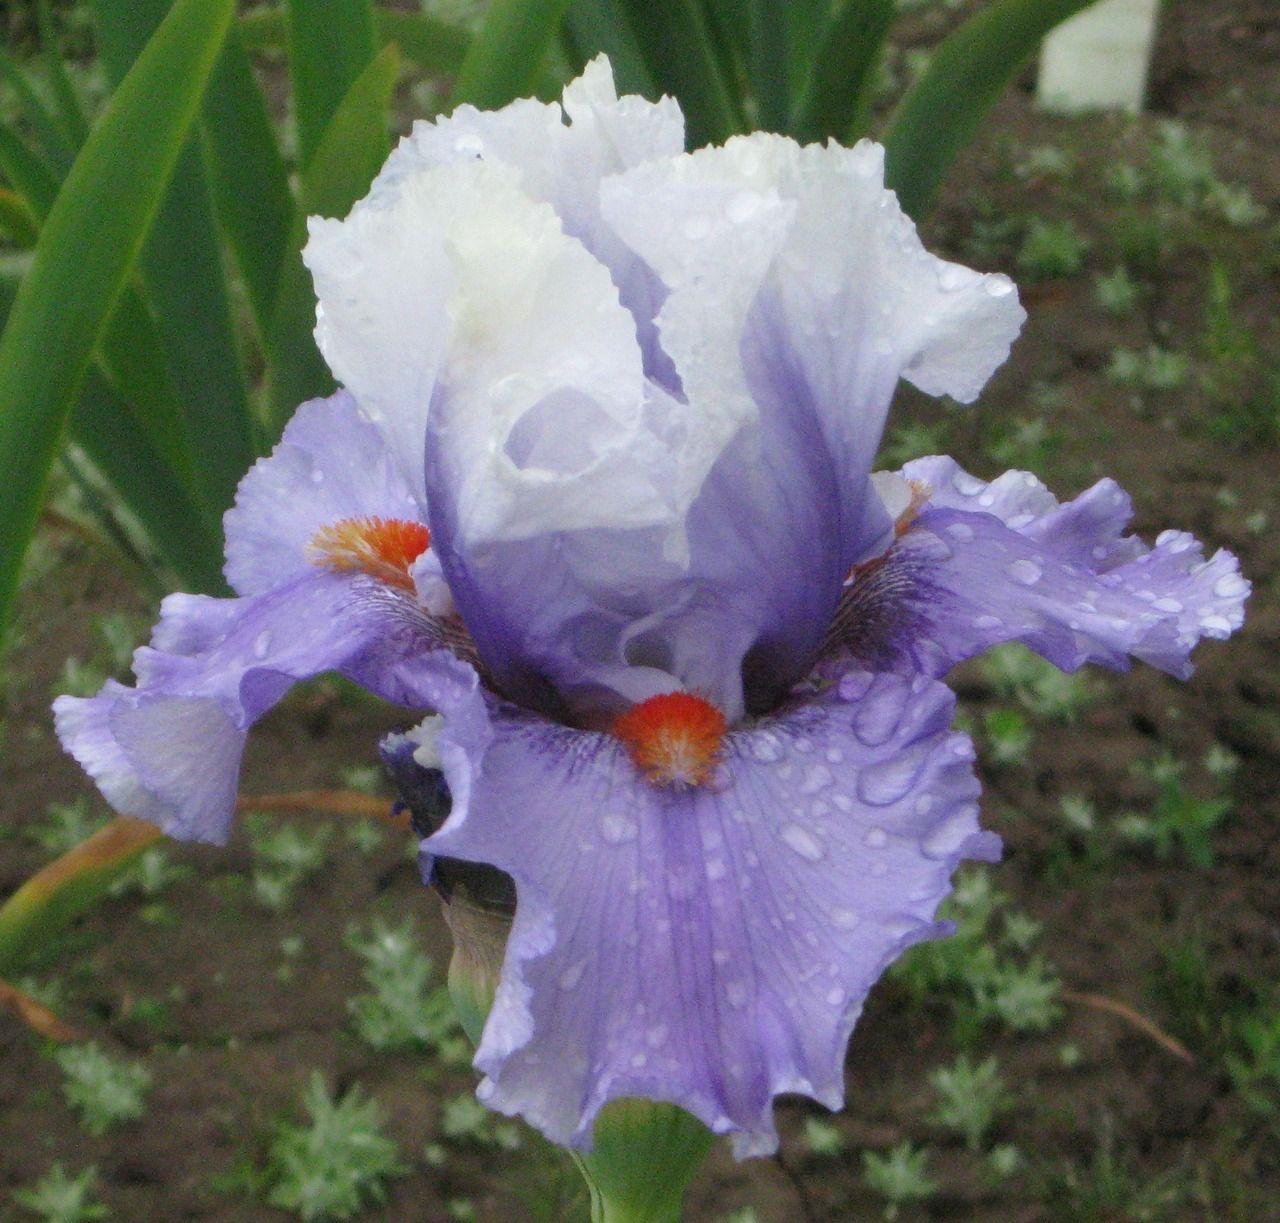 Alpine Butterfly - Iris Sisters Farm